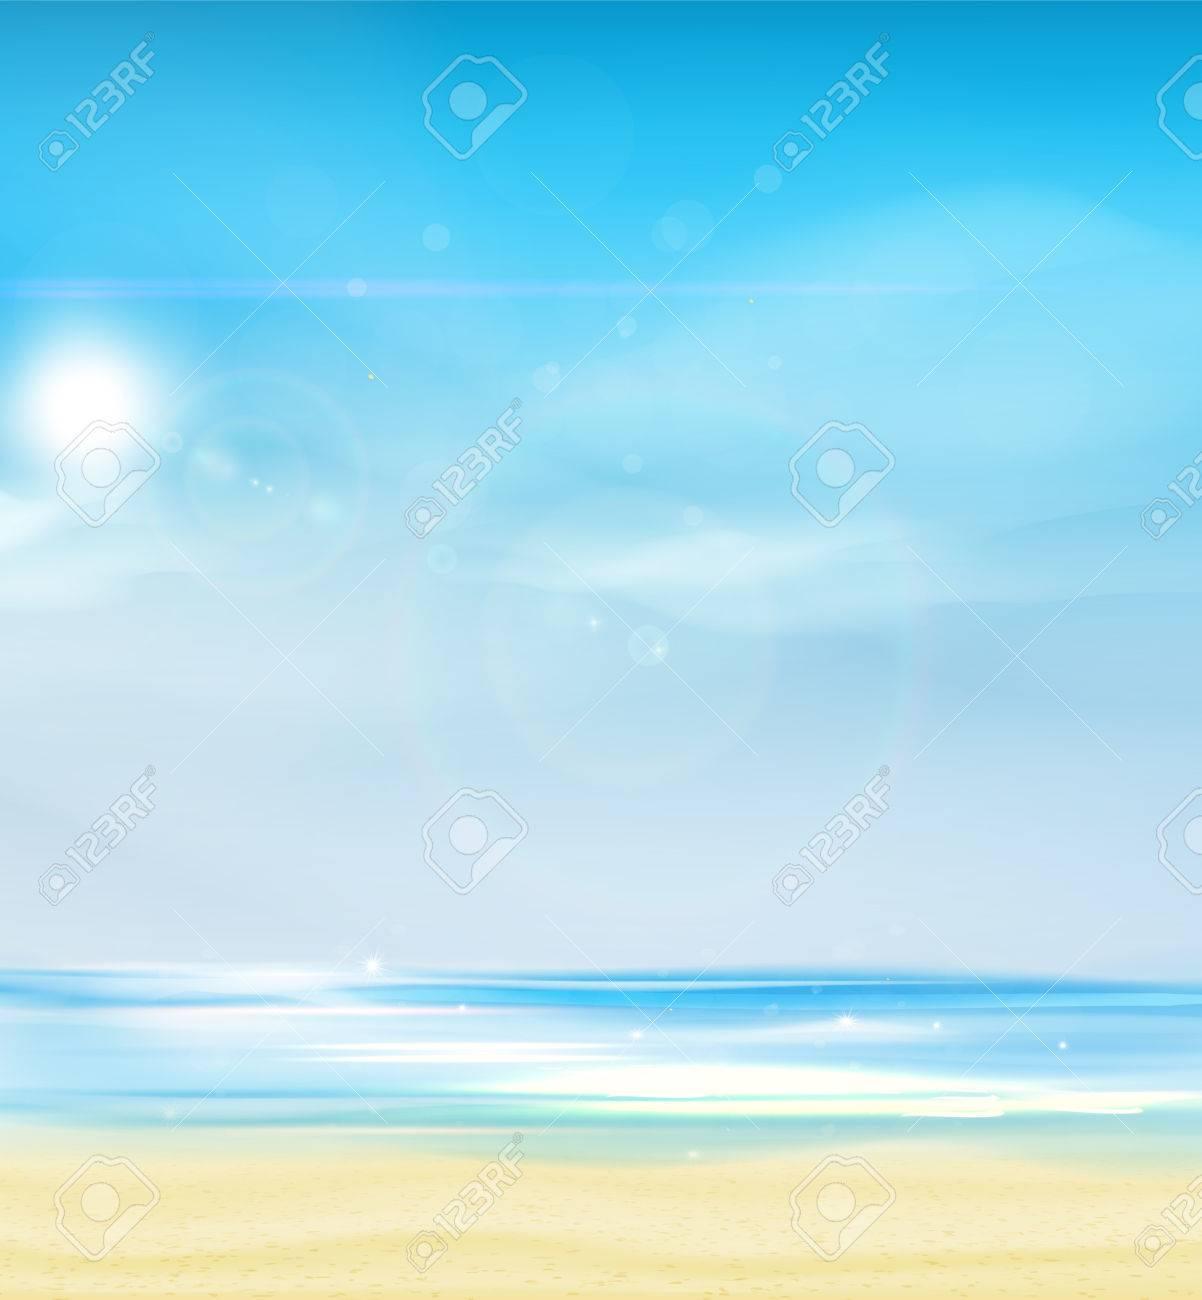 夏背景ベクトル イラスト。 ロイヤリティフリークリップアート、ベクター